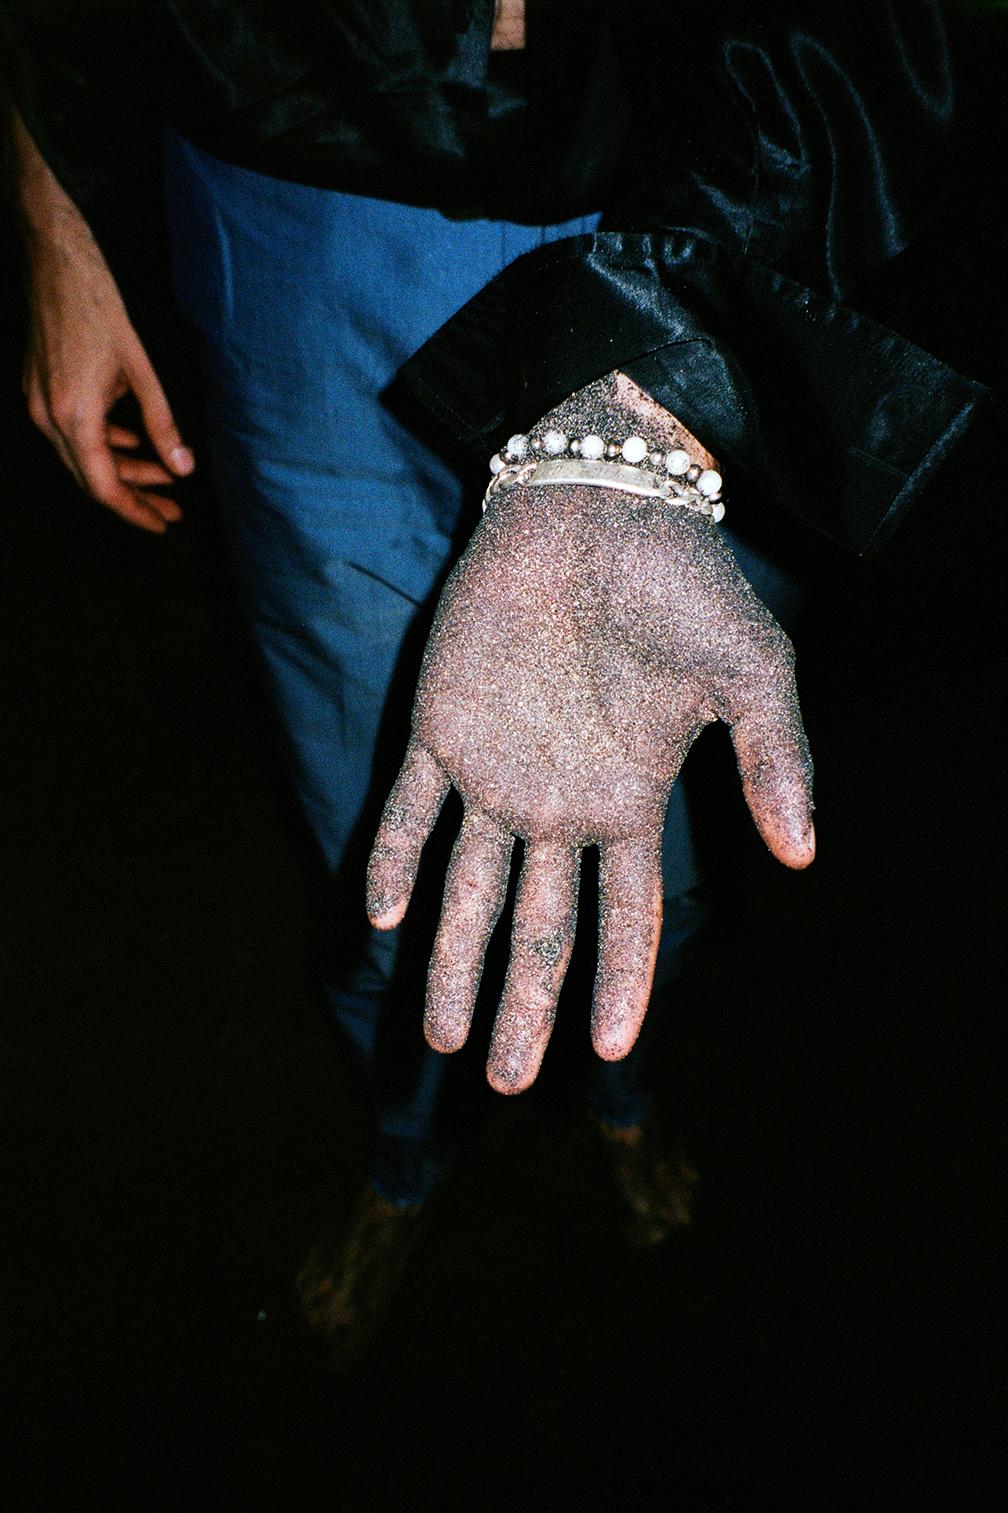 Chris hand covered in black sand_00038.jpg